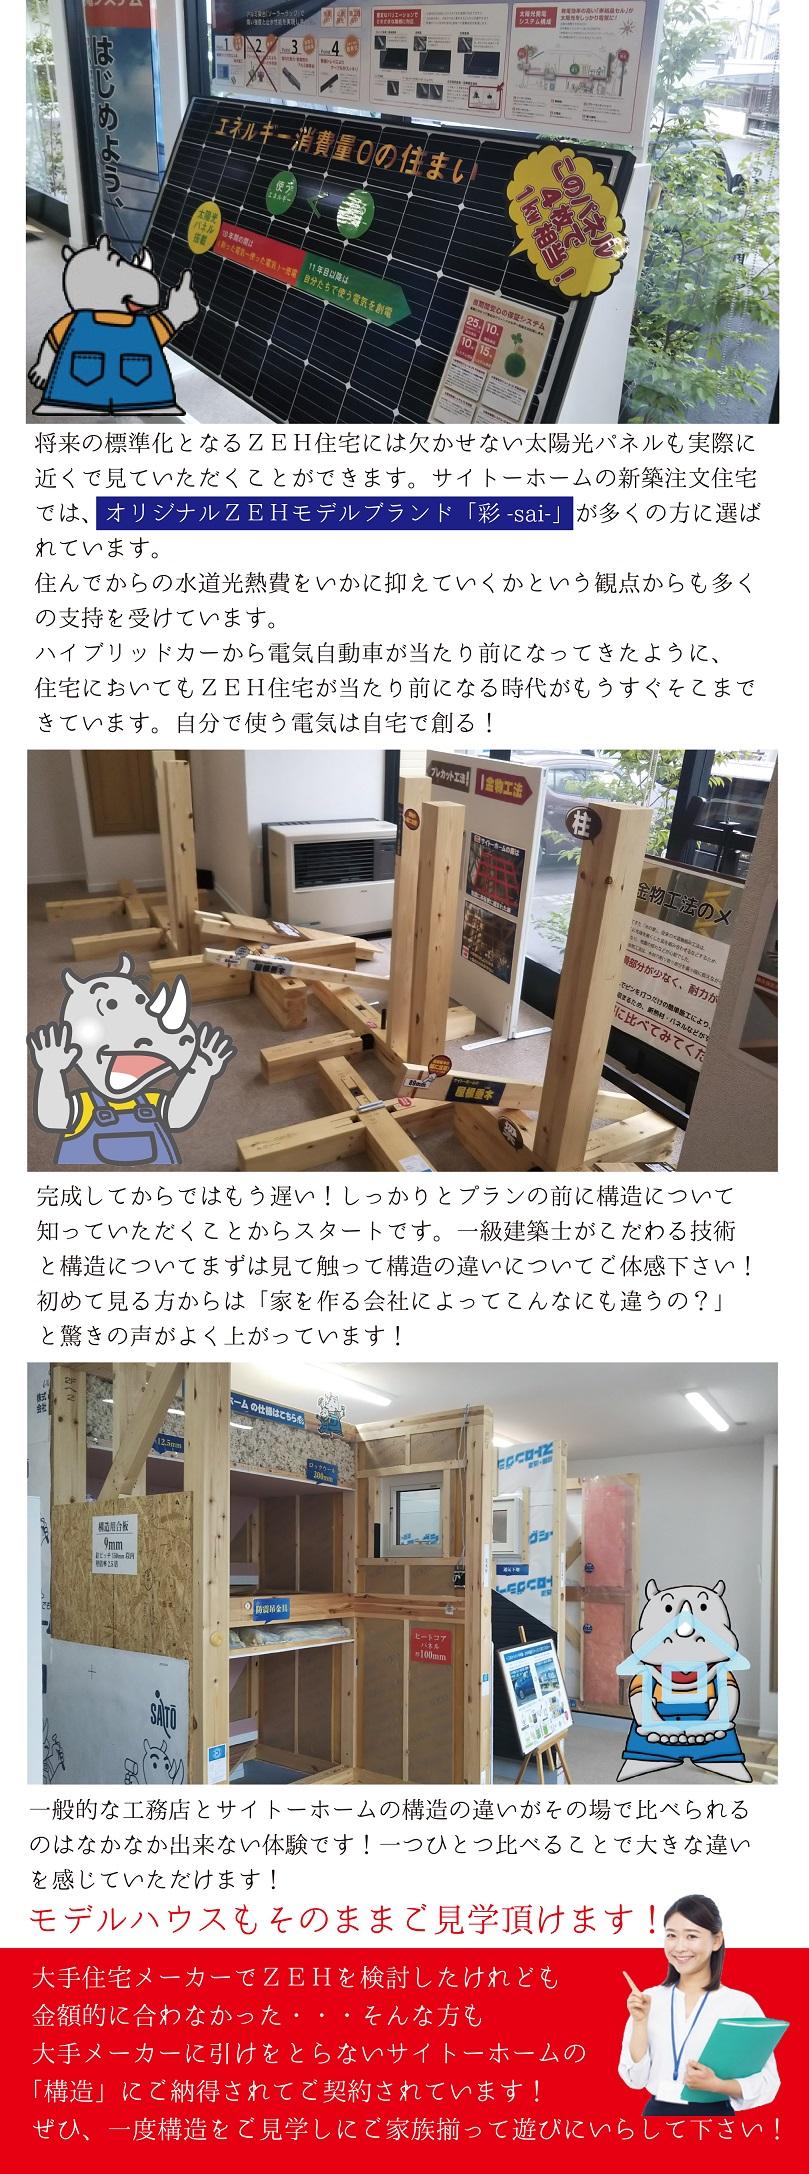 kozo2_1.jpg